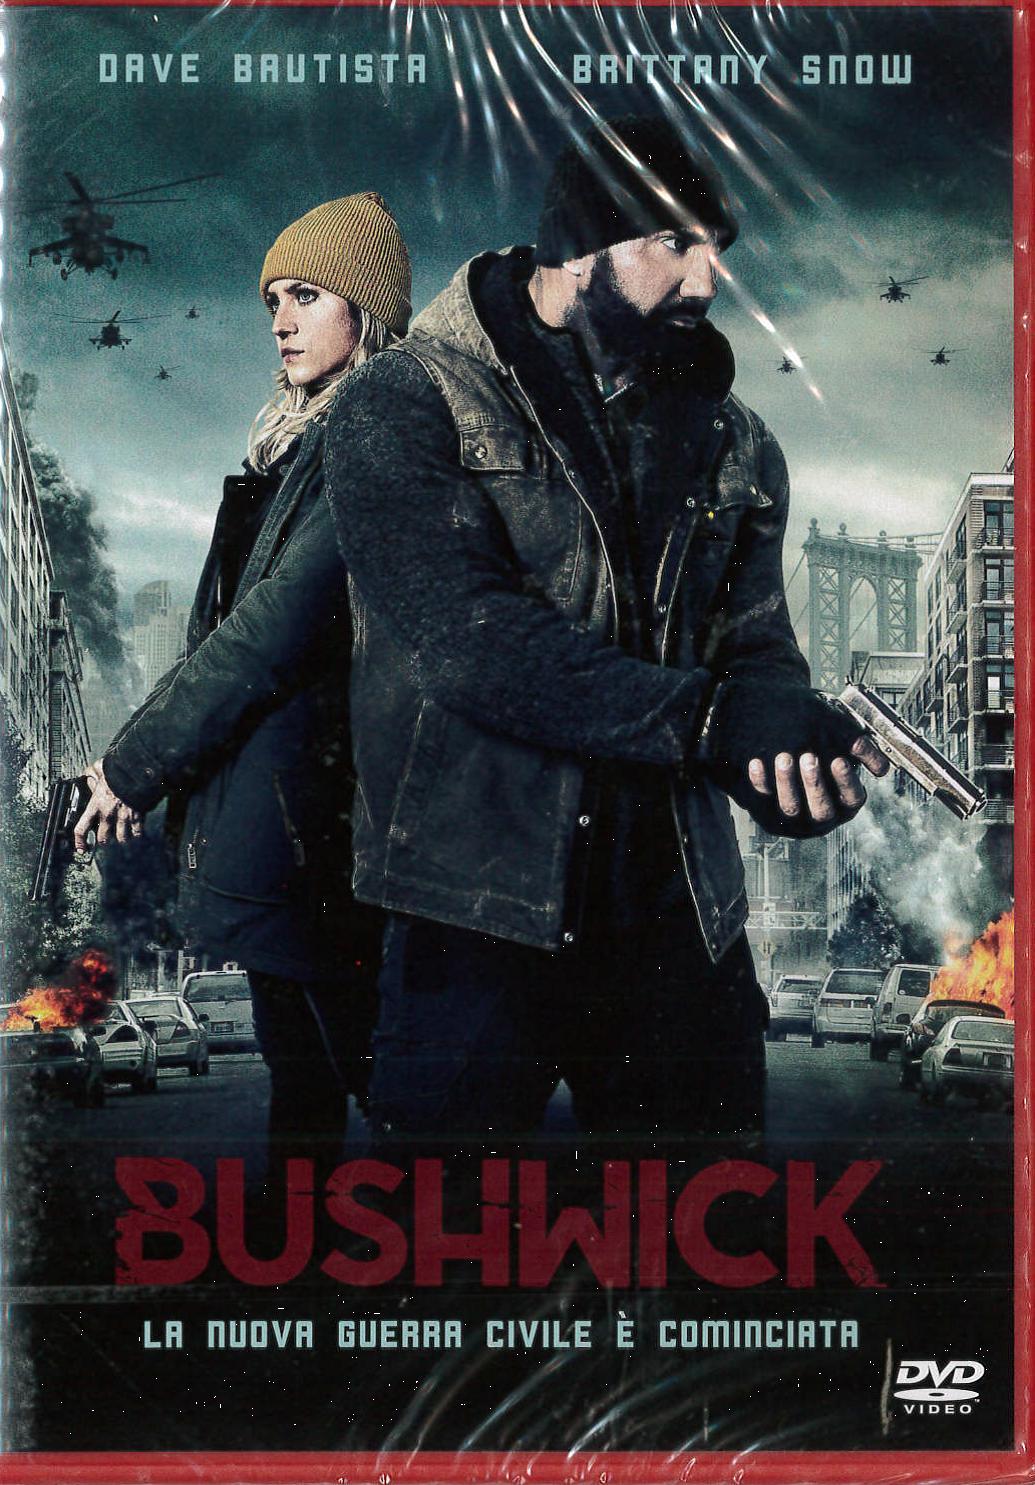 BUSHWICK (DVD)